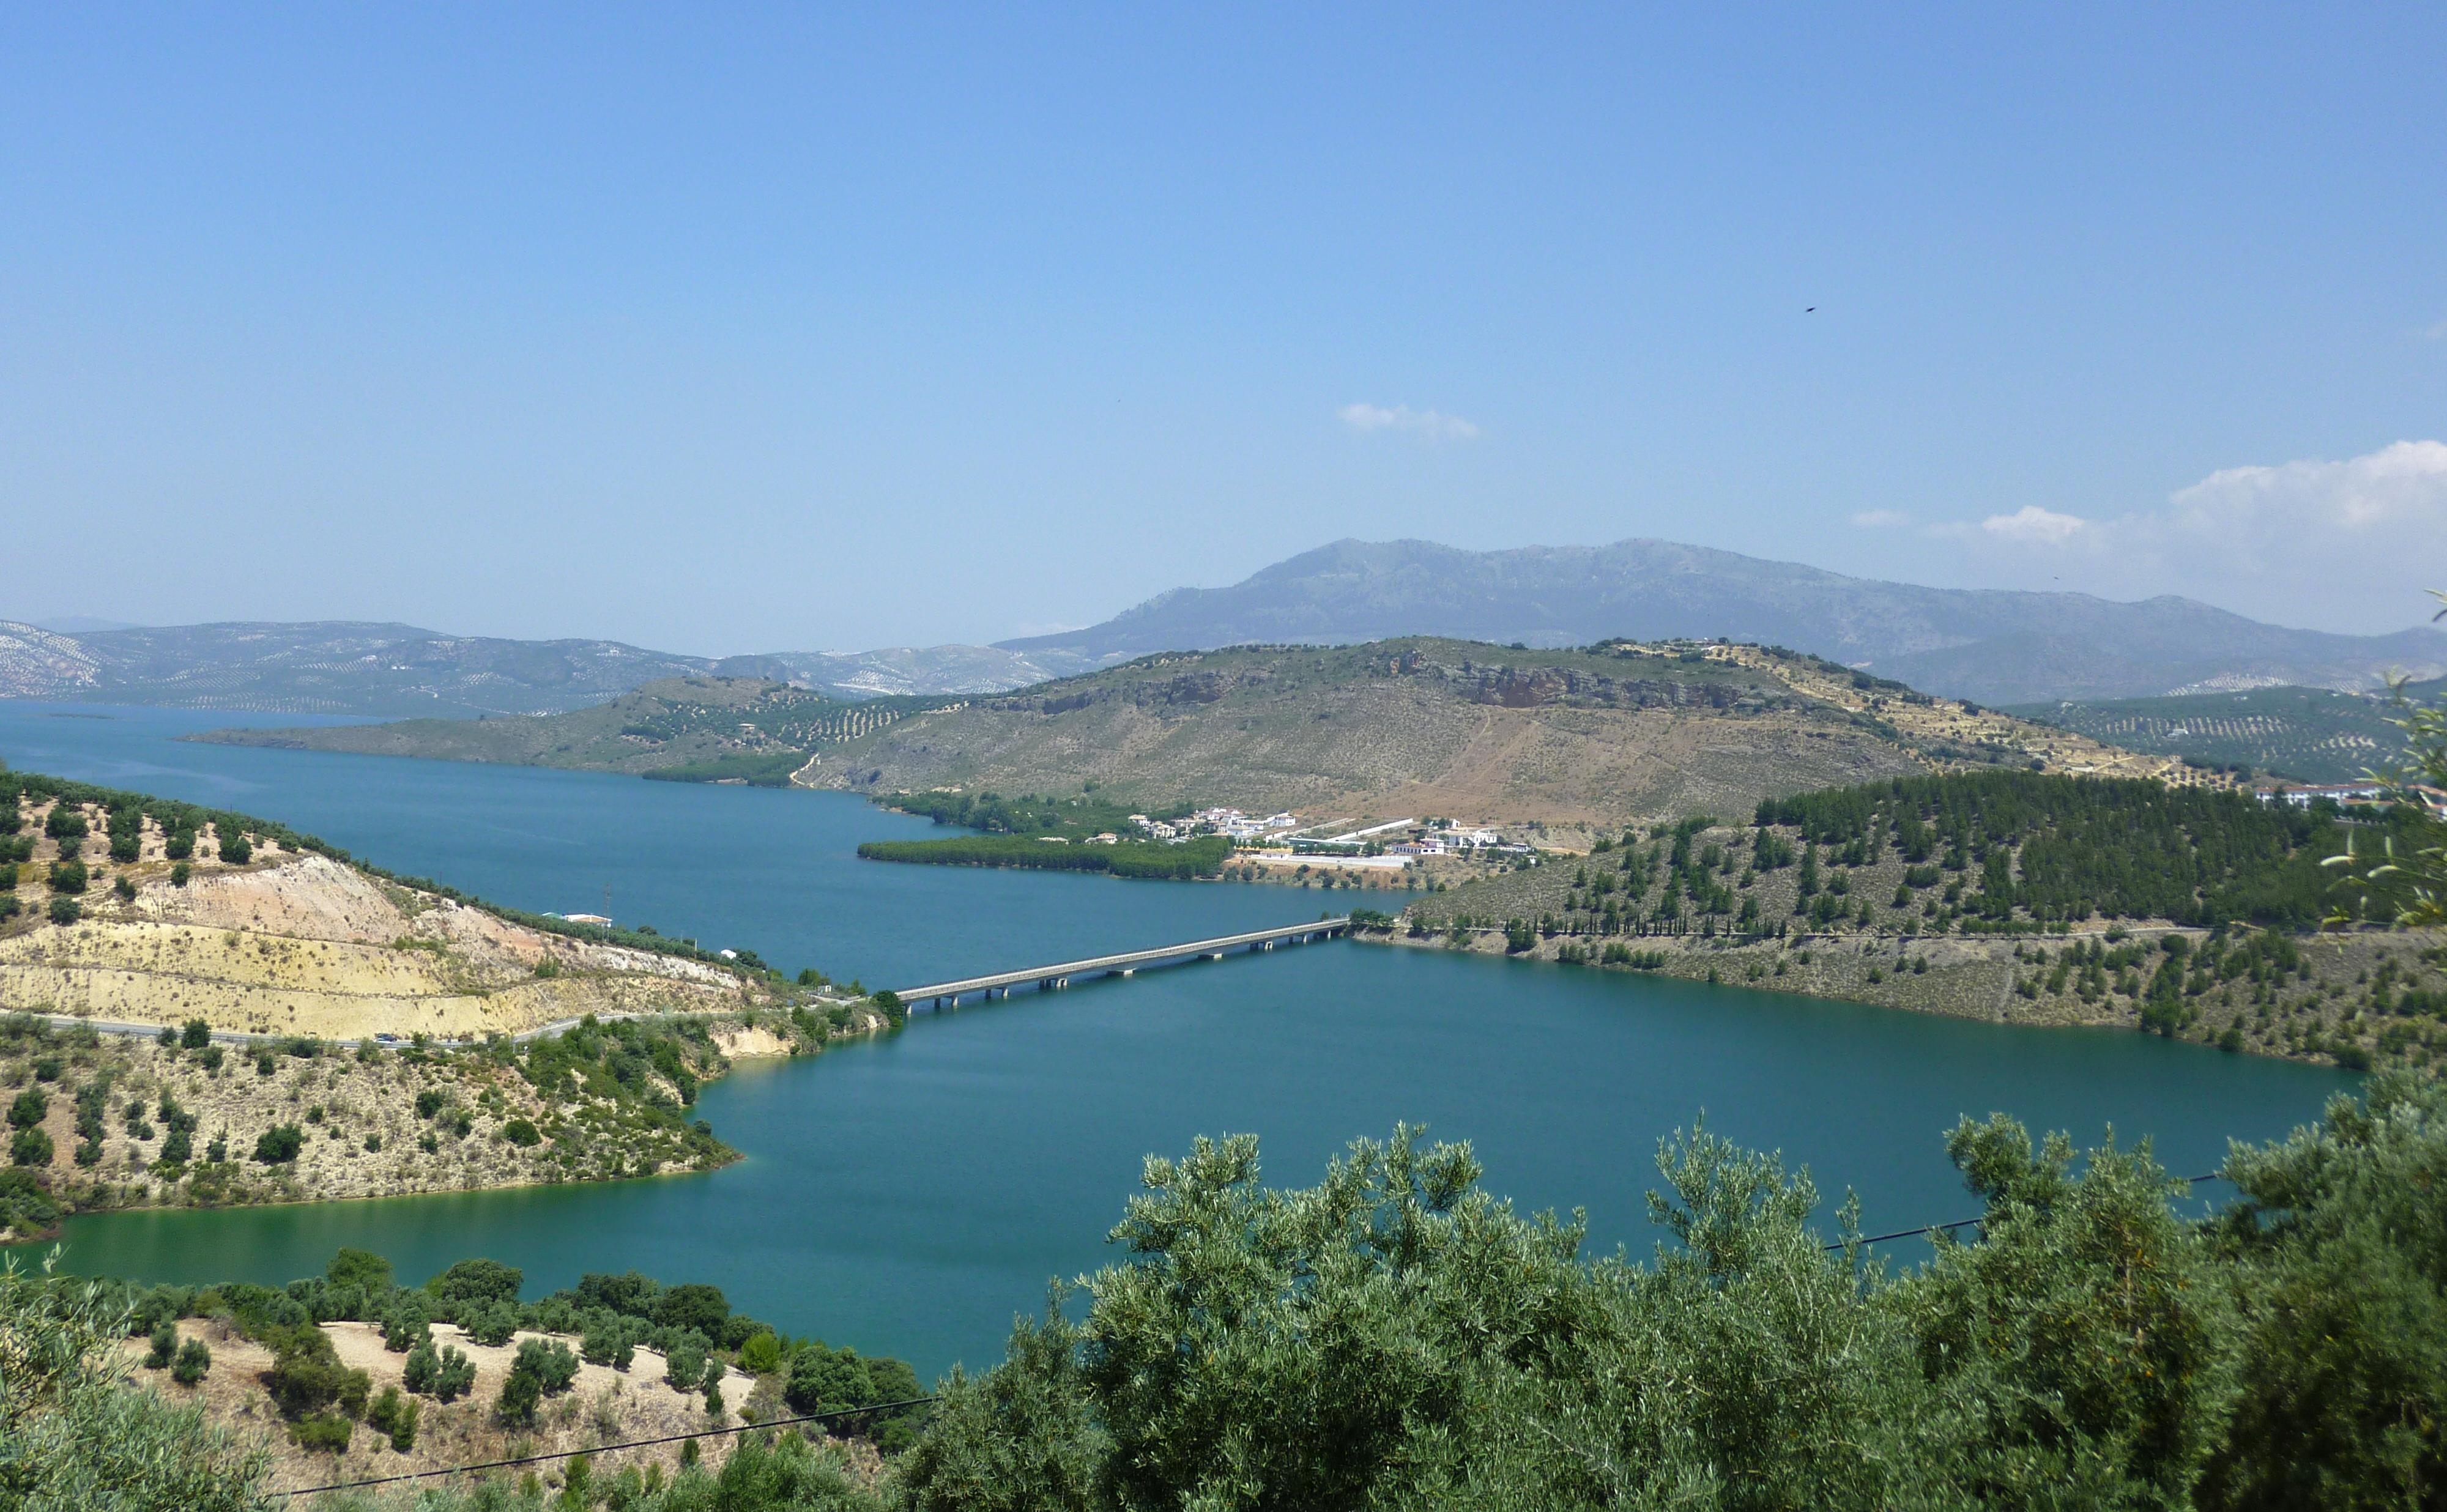 Embalse de Iznájar - Wikipedia, la enciclopedia libre